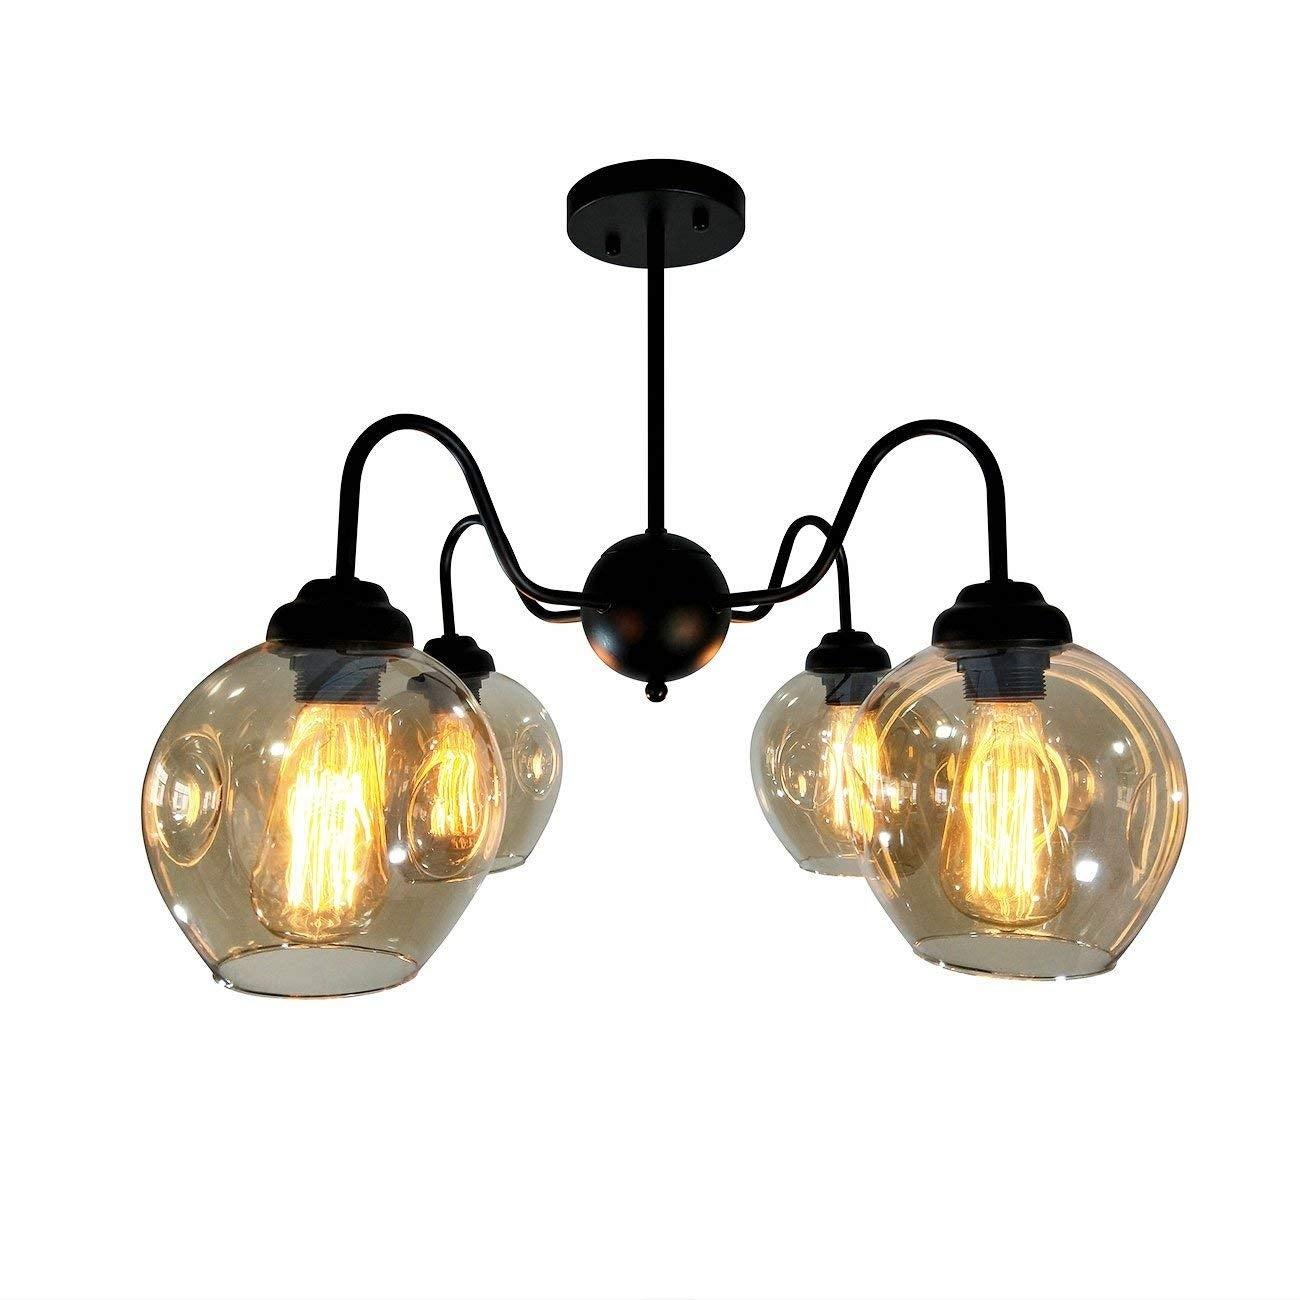 Vintage Industrial Ceiling Light Antique Copper Pendant Lamp Flush mount lamp